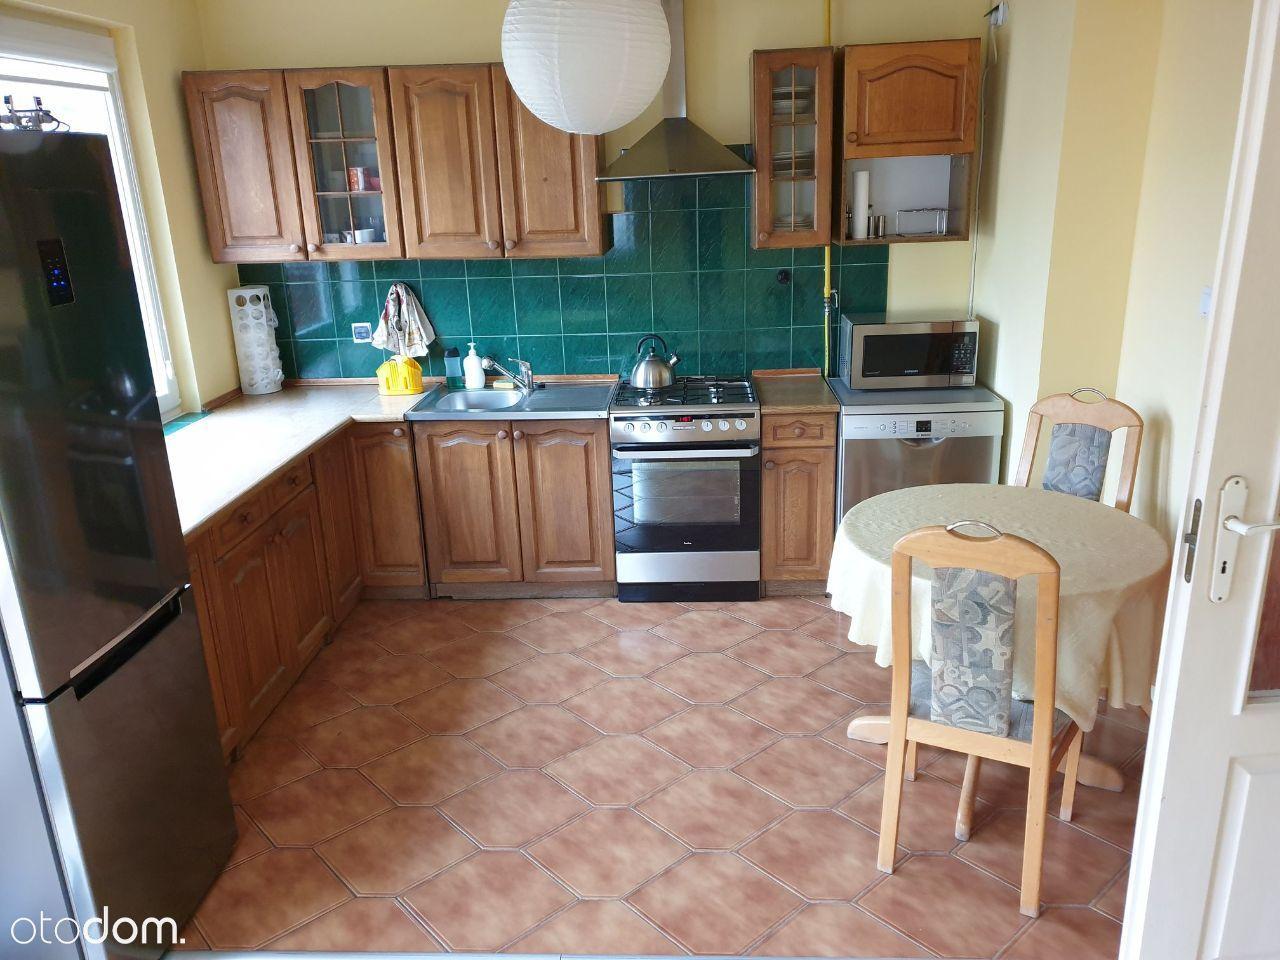 Zamienię mieszkanie 57,26 m2 na większe za dopłatą